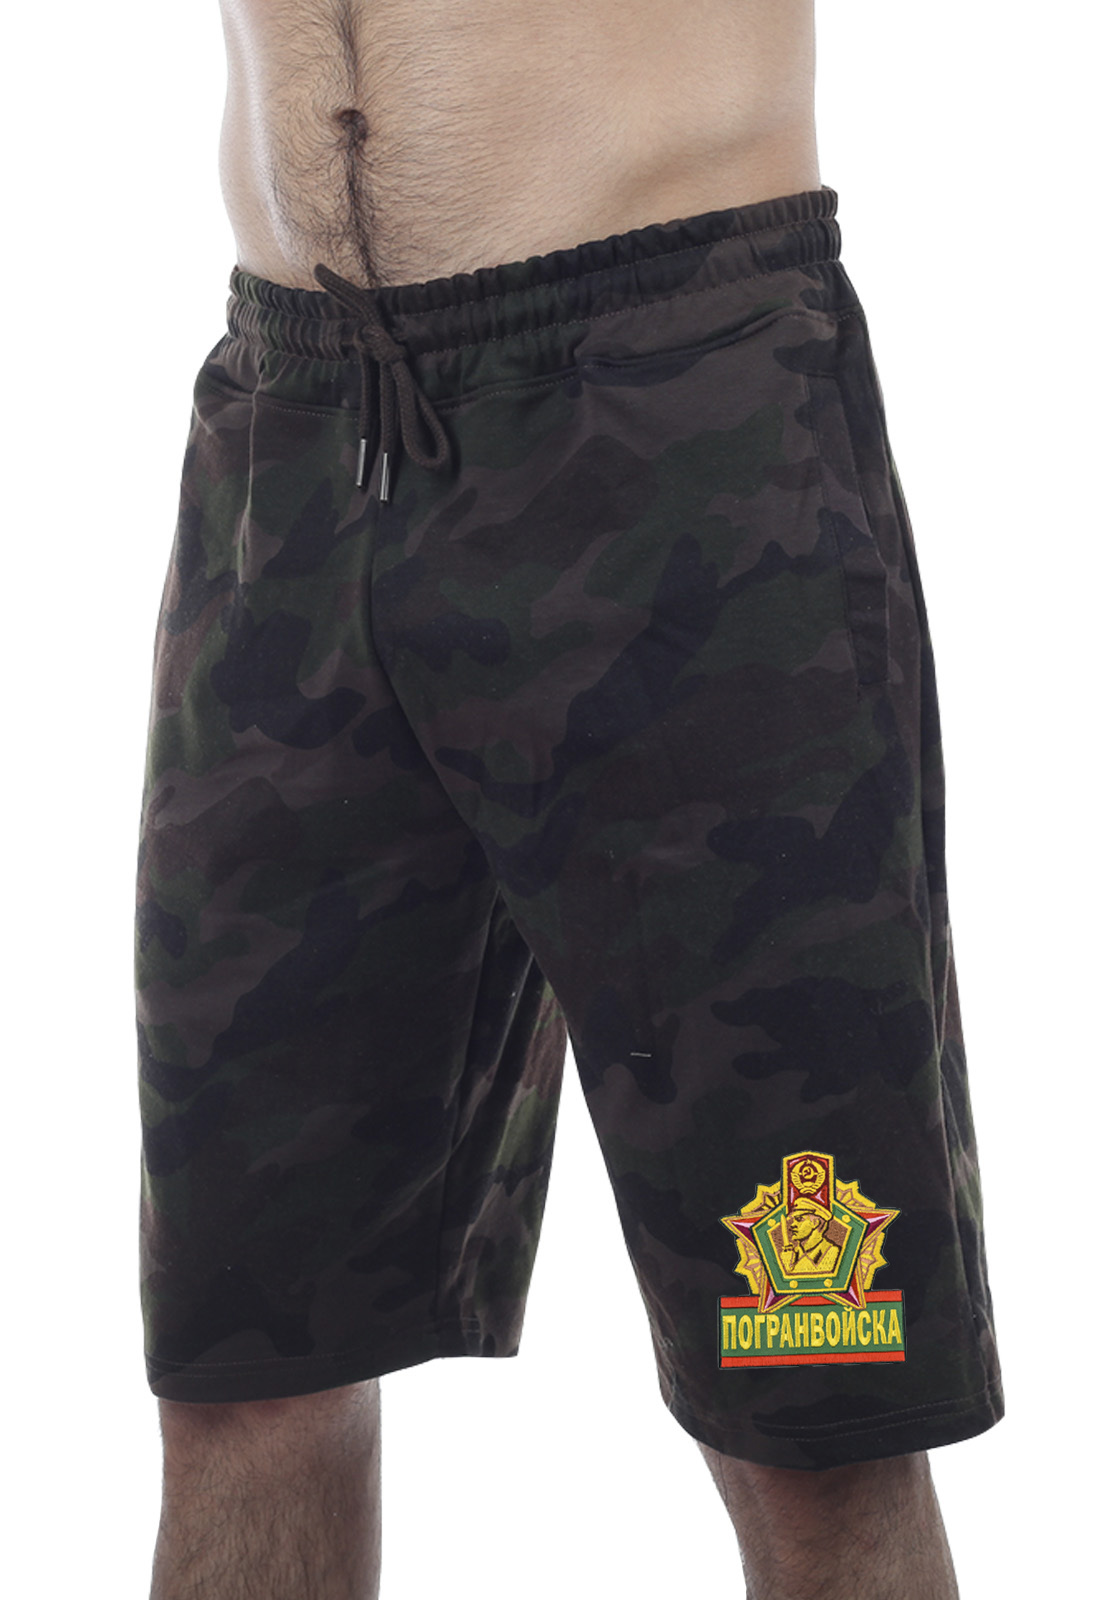 Купить надежные темные милитари-шорты с нашивкой Погранвойска по сниженной цене